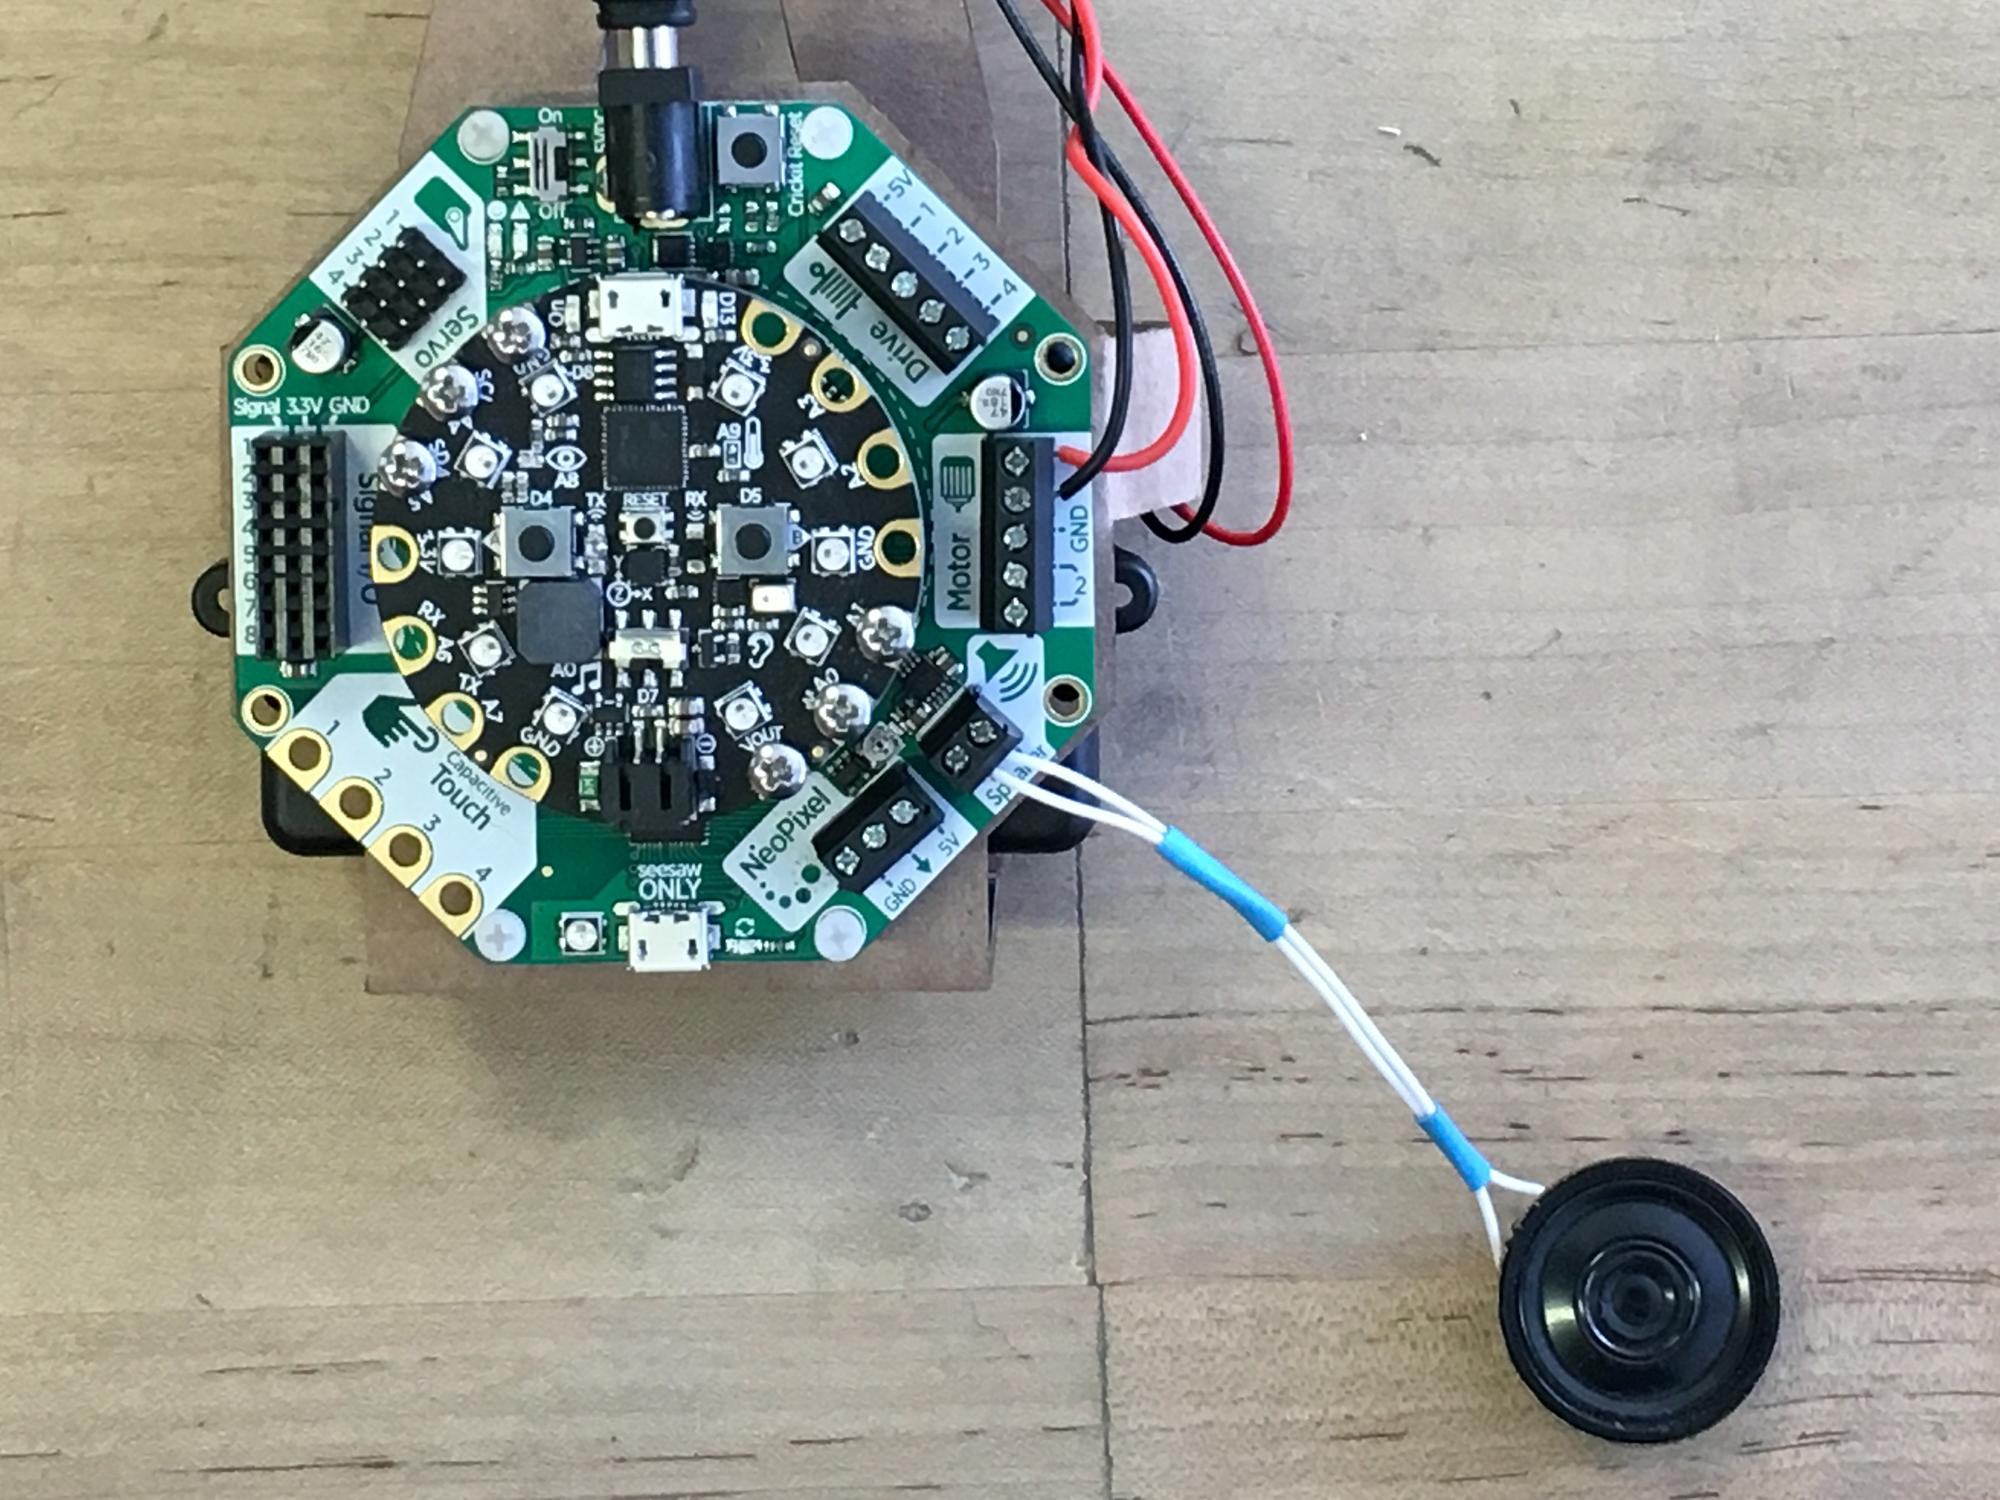 robotics___cnc_uni_bot_0104_2k.jpg